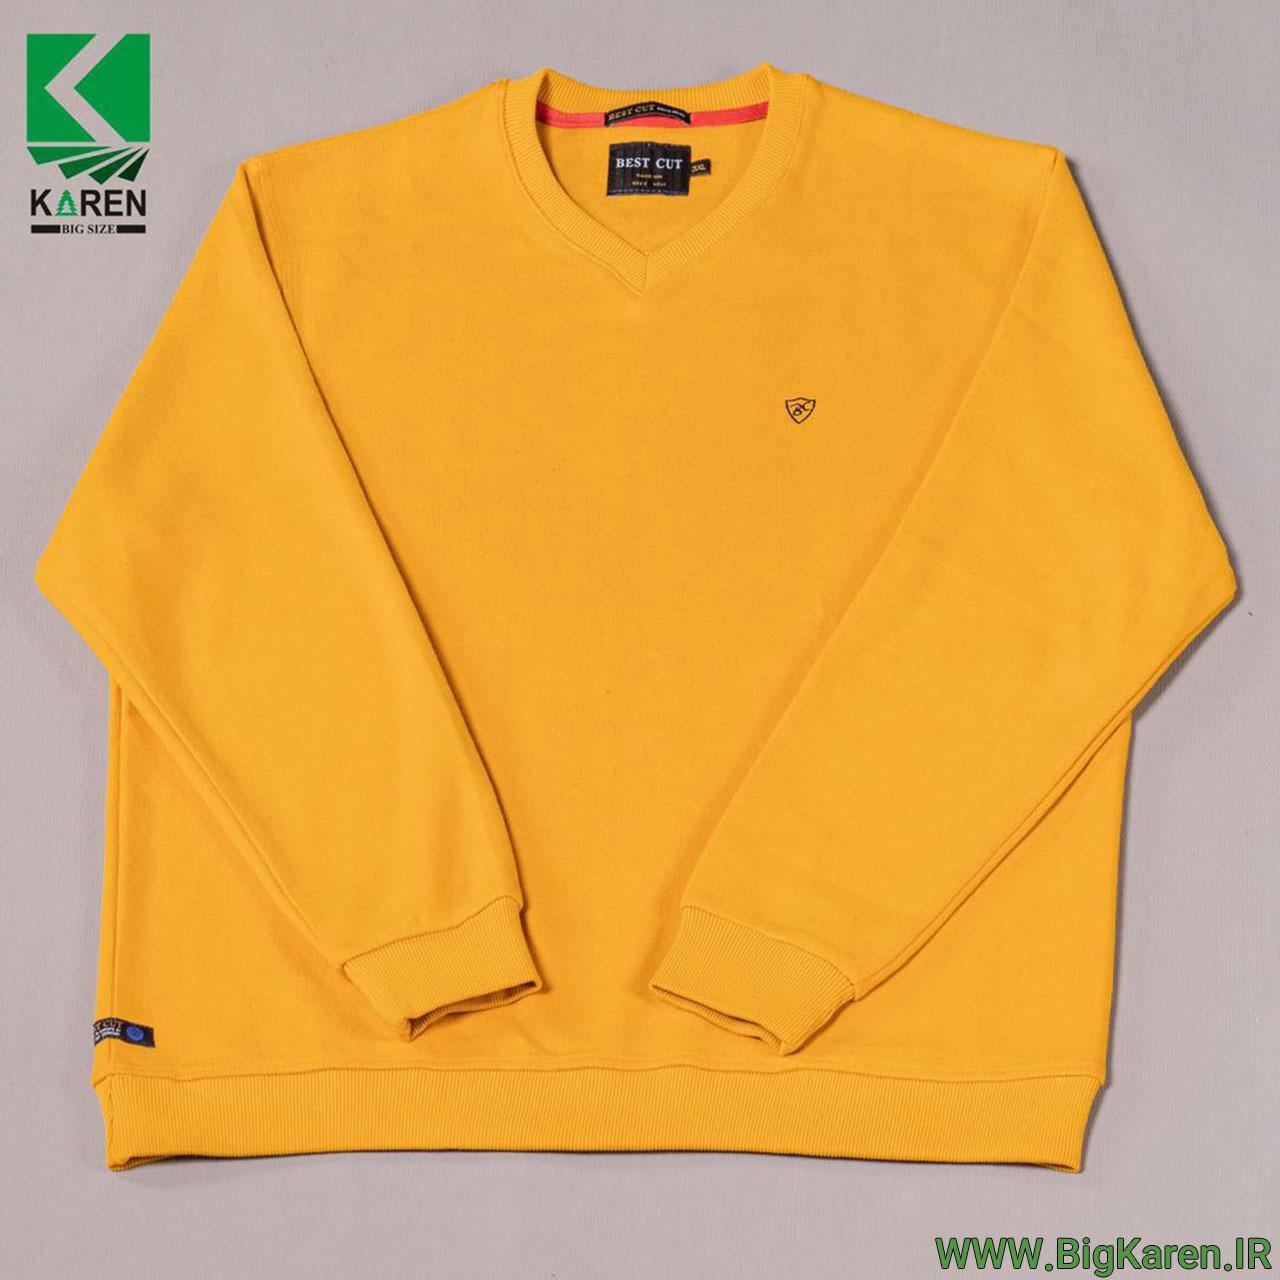 بلوز سایز بزرگ سلانیک یقه هفت مردانه رنگ زرد خرید اینترنتی از سایت بیگ کارن